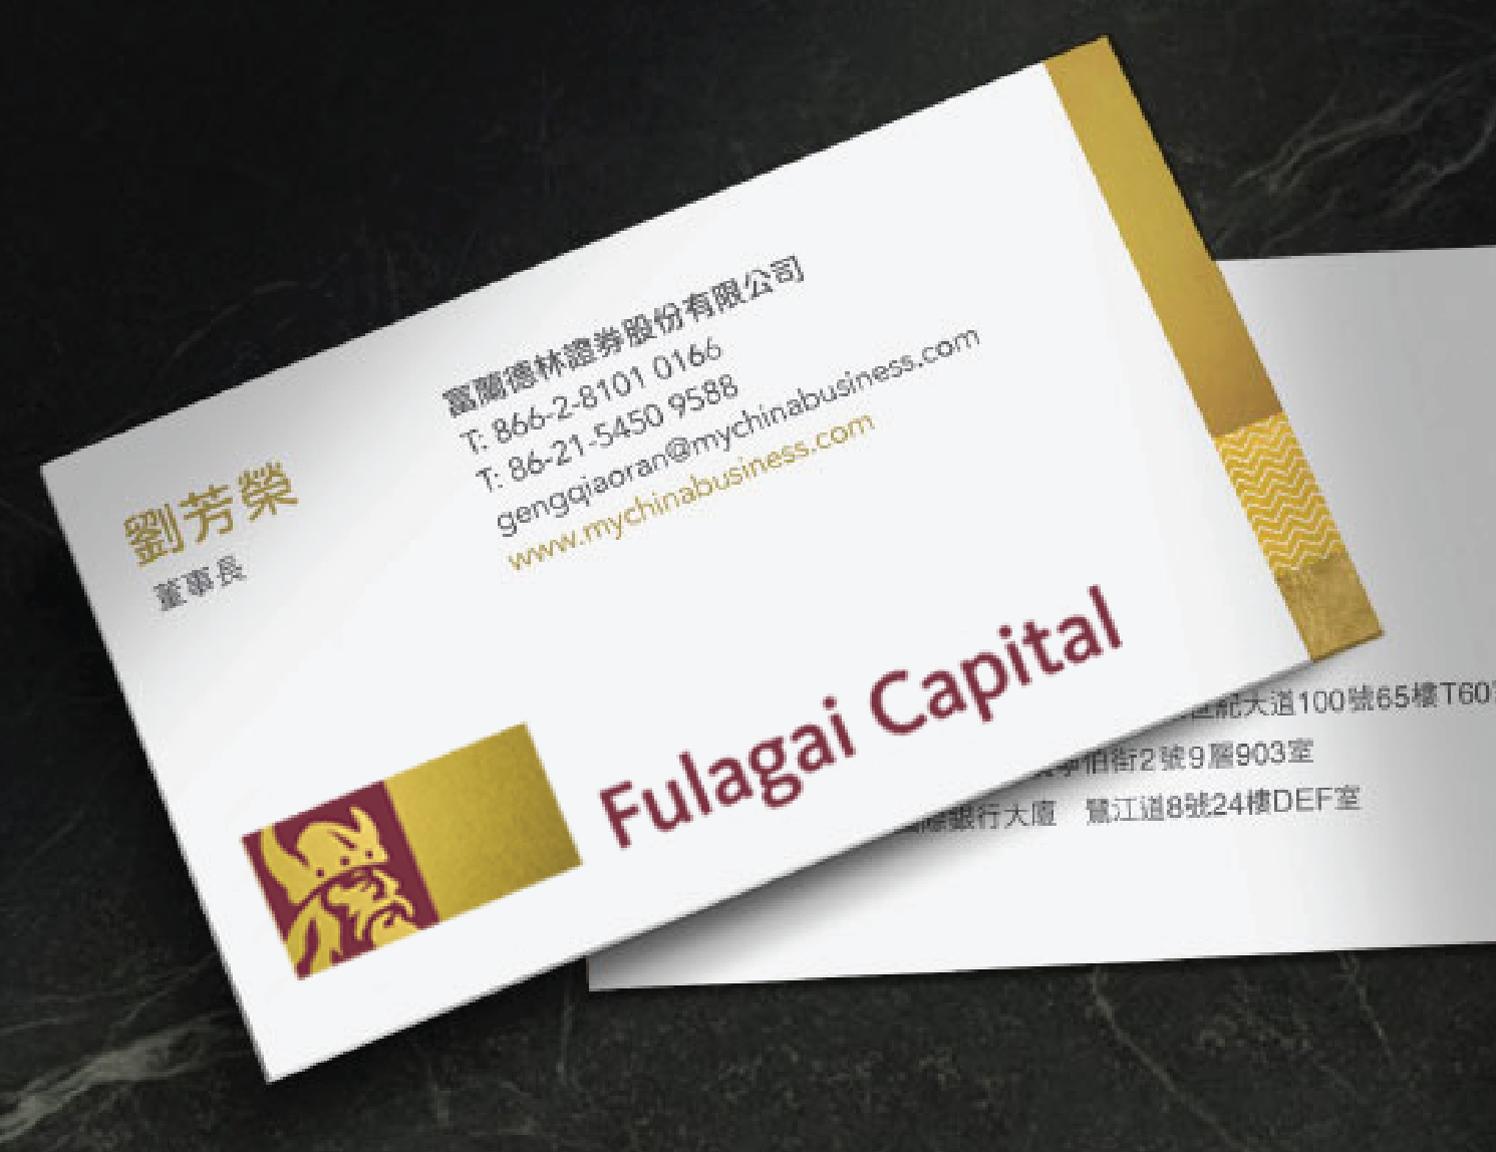 fulagai logo example